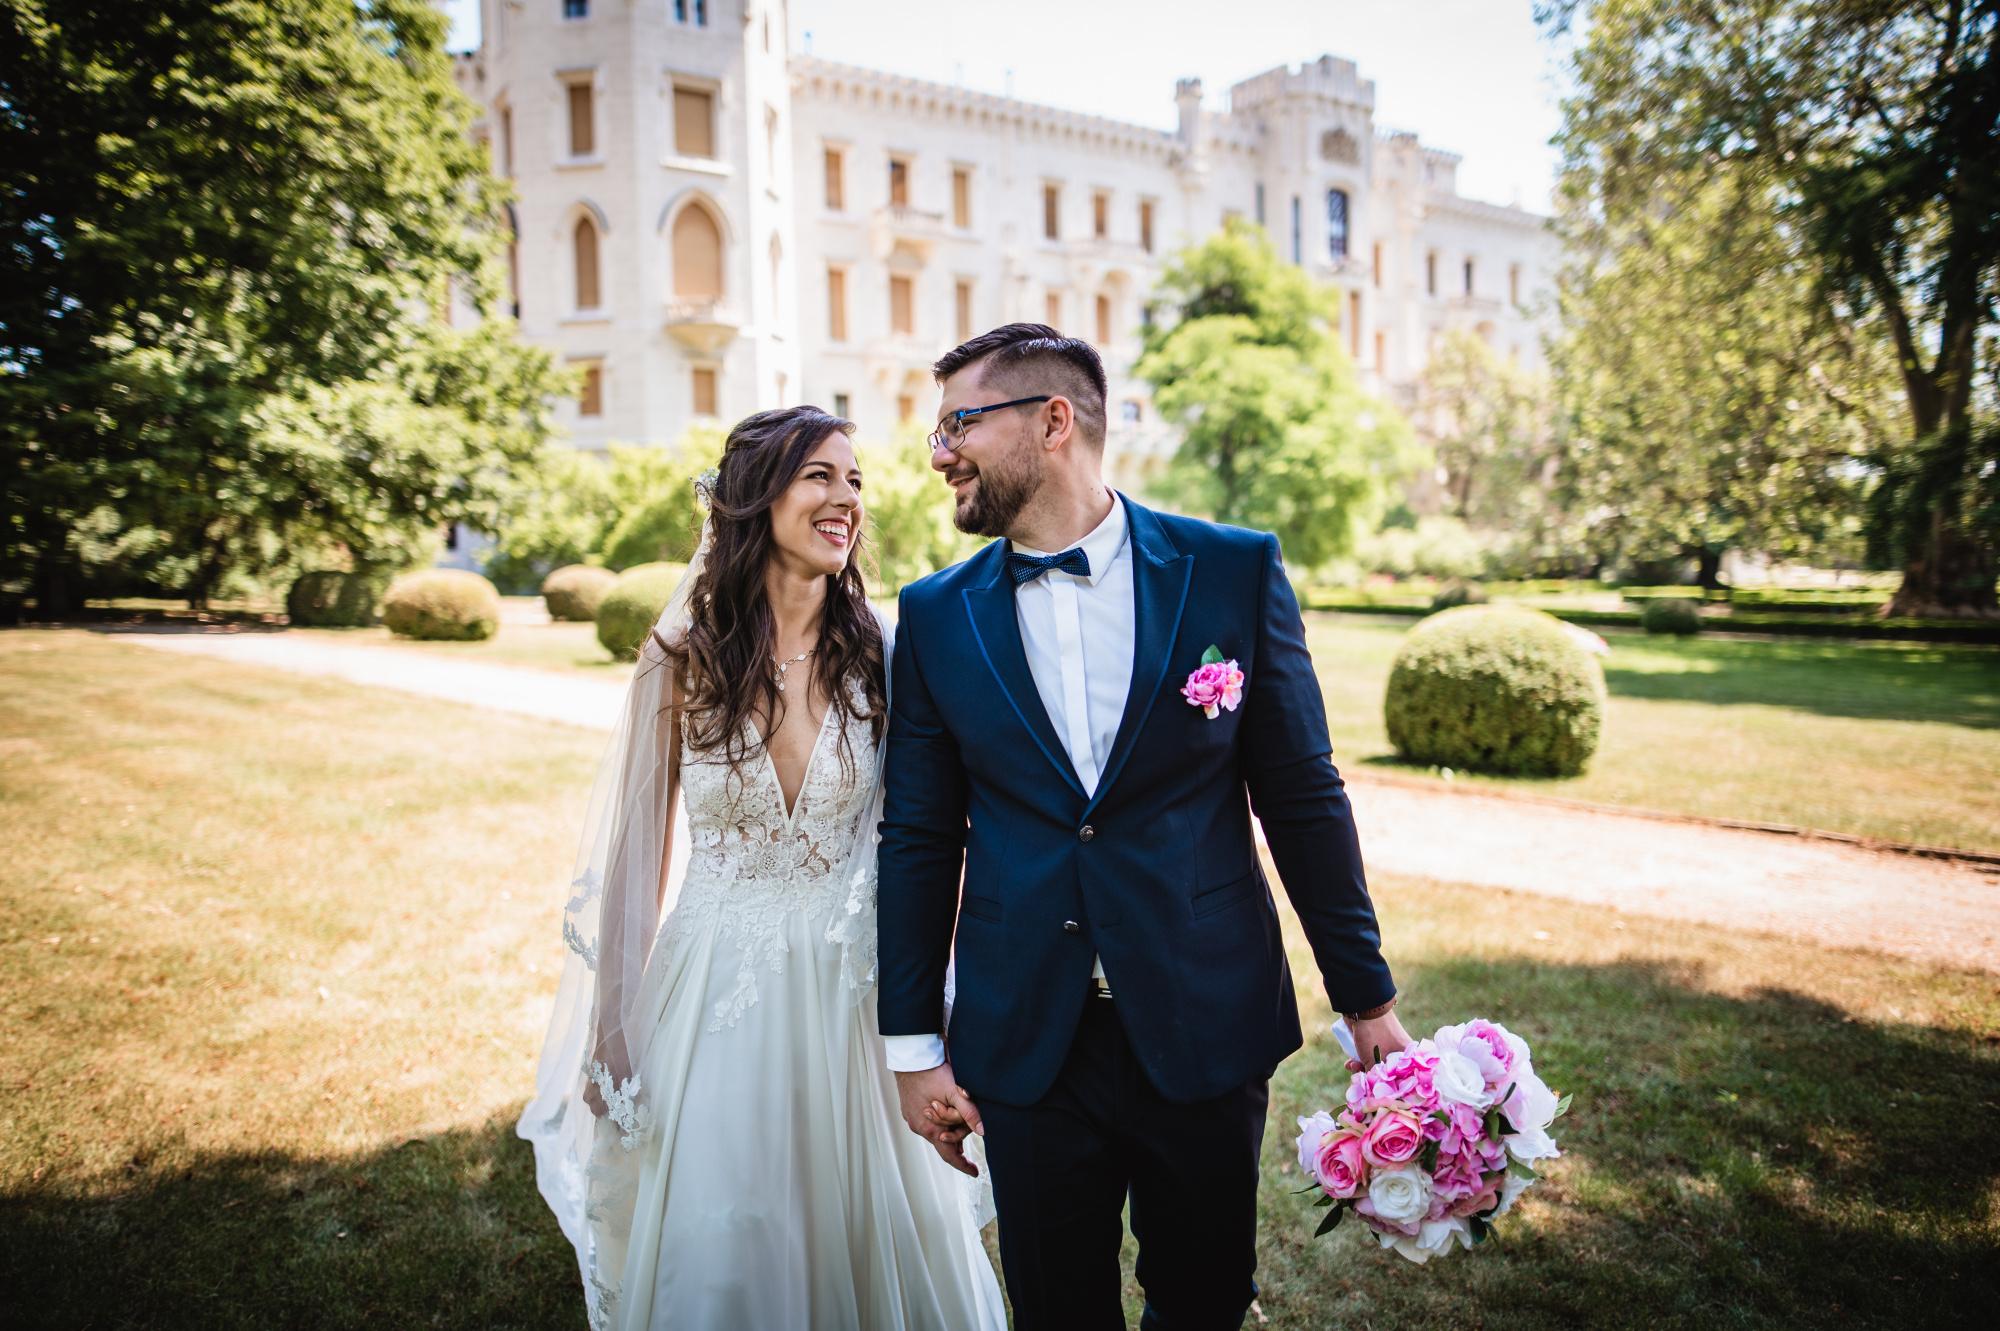 Svatební párové focení před zámkem Hluboká nad Vltavou